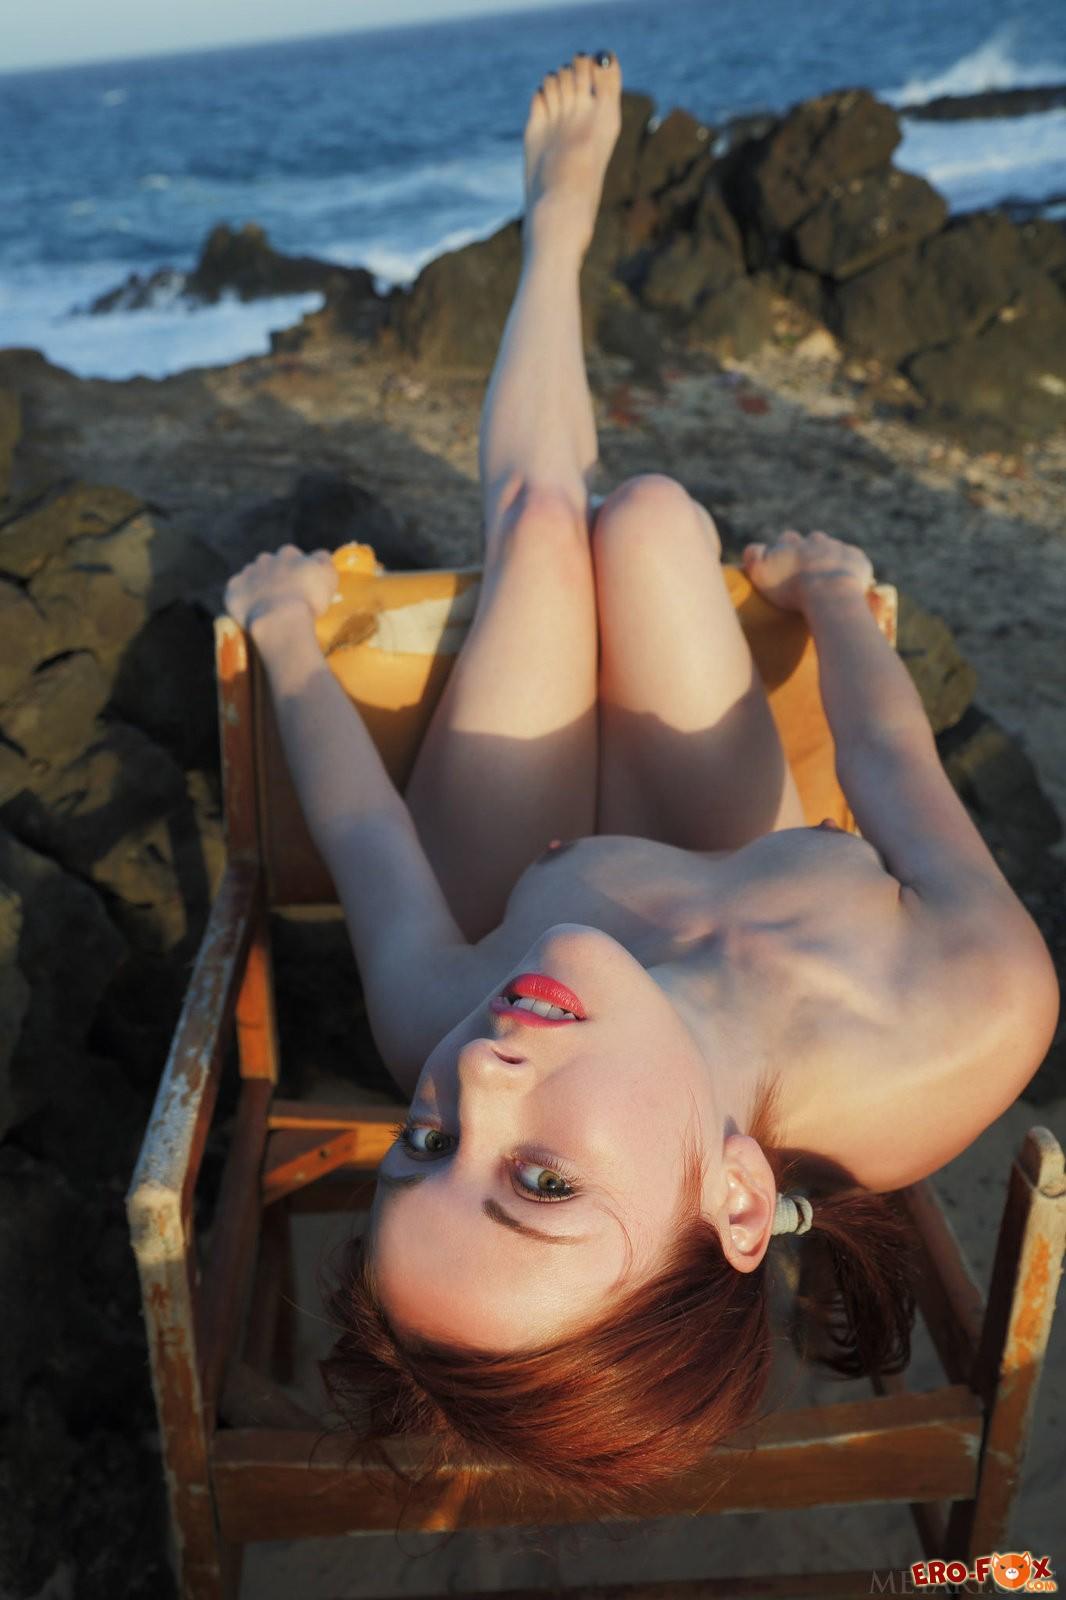 Рыжая девушка с маленькой грудью на берегу моря, фото голой.